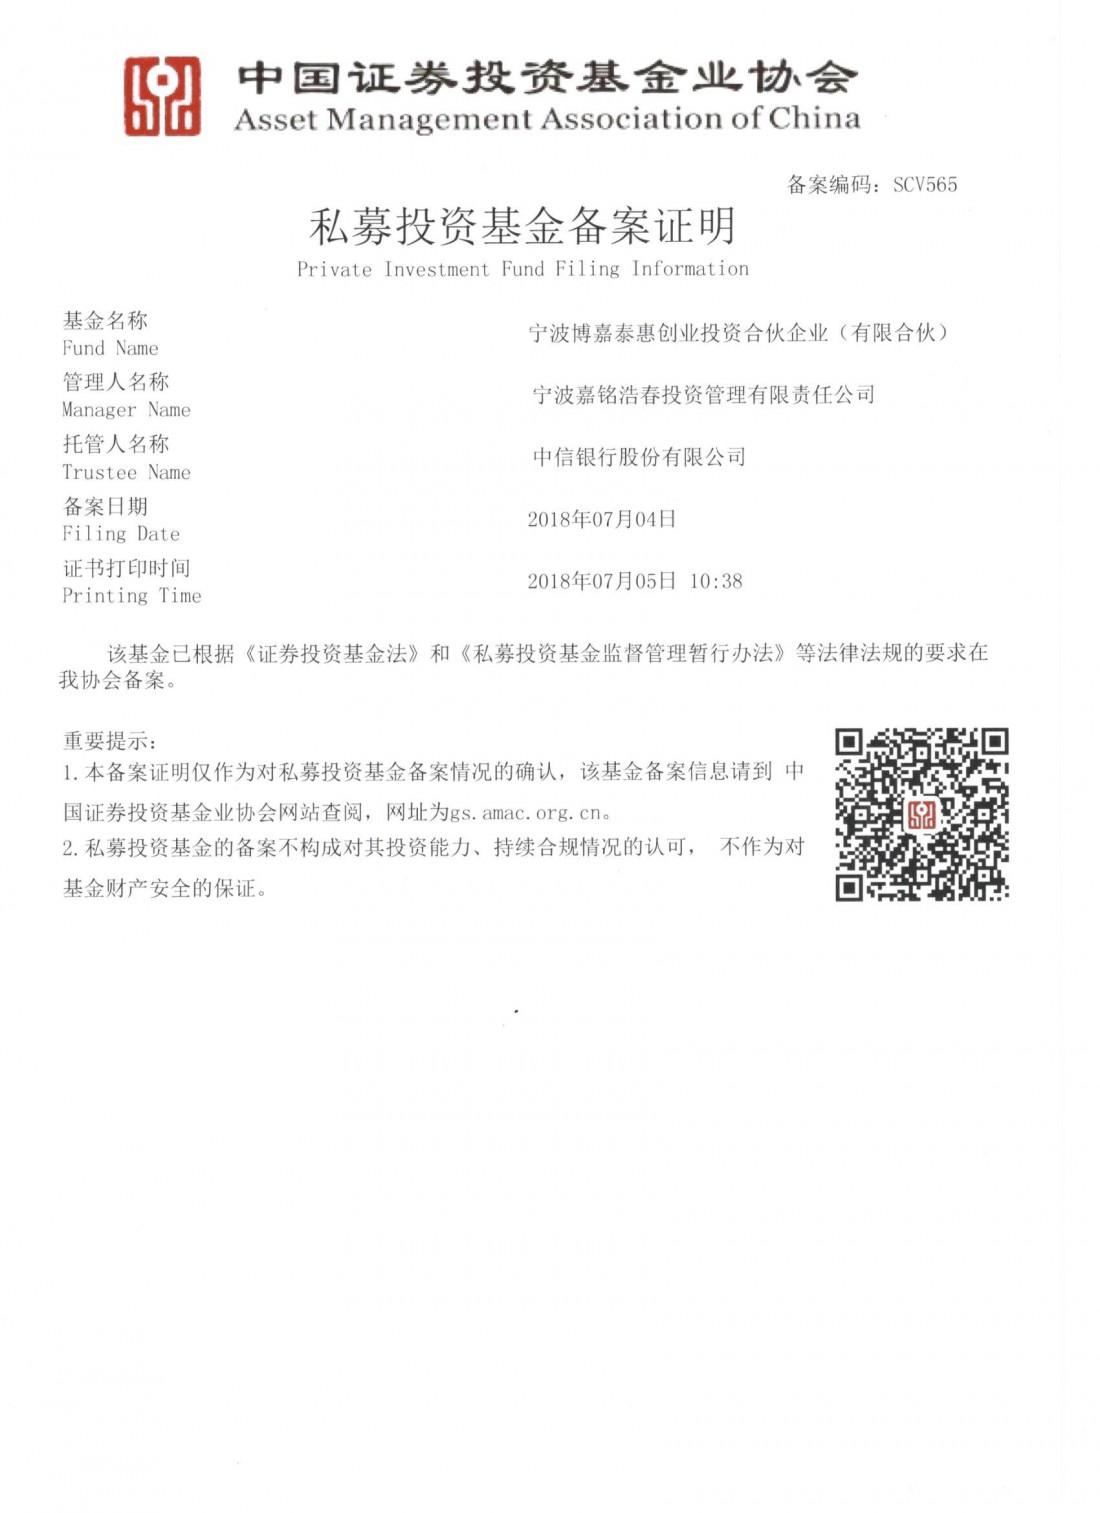 博嘉泰惠私募投资基金备案证明